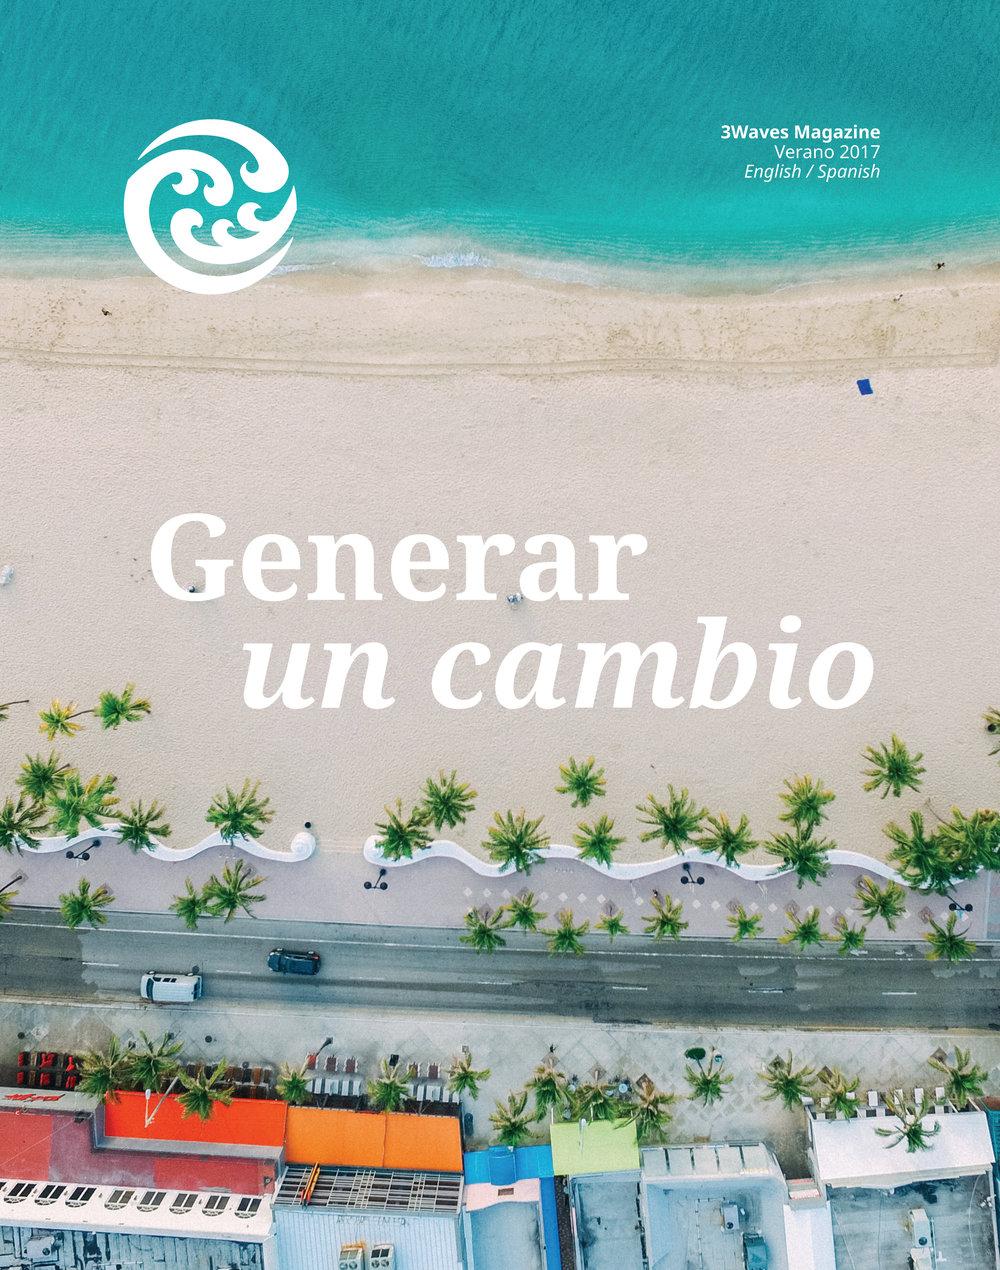 Issue 11 - June 2017: Spanish